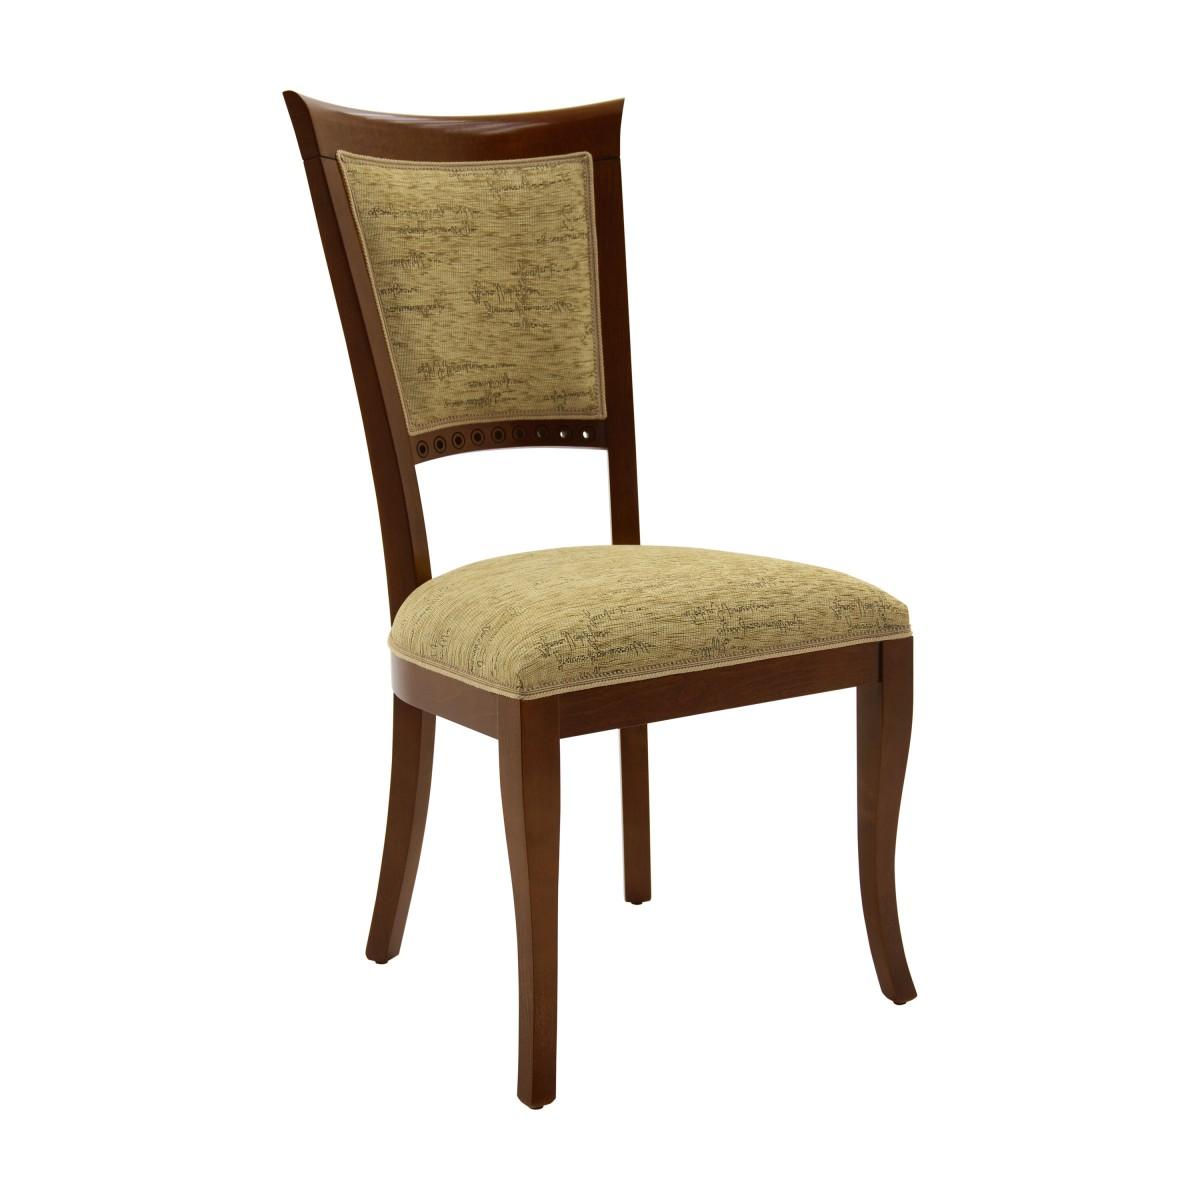 italian classic chair modigliani 0 9672